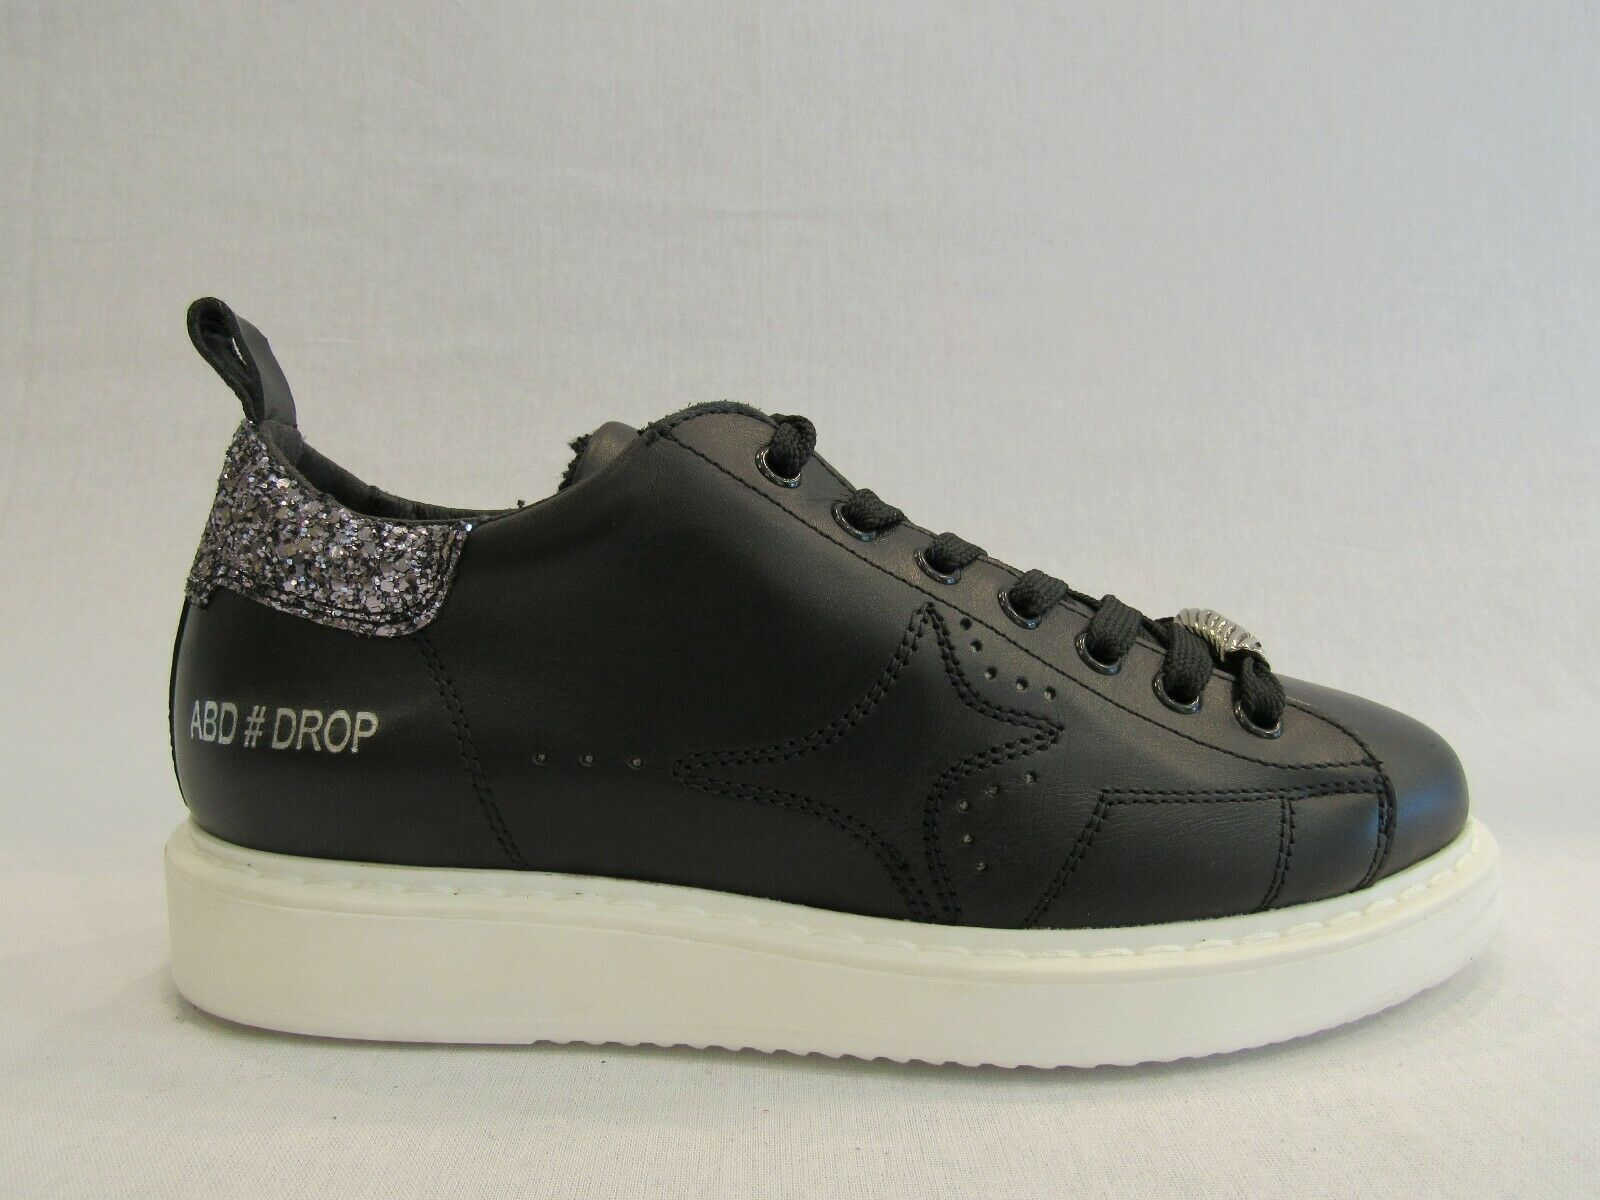 AMA A966  scarpe da ginnastica donna in pelle nera con glitter argentooo sul tallone